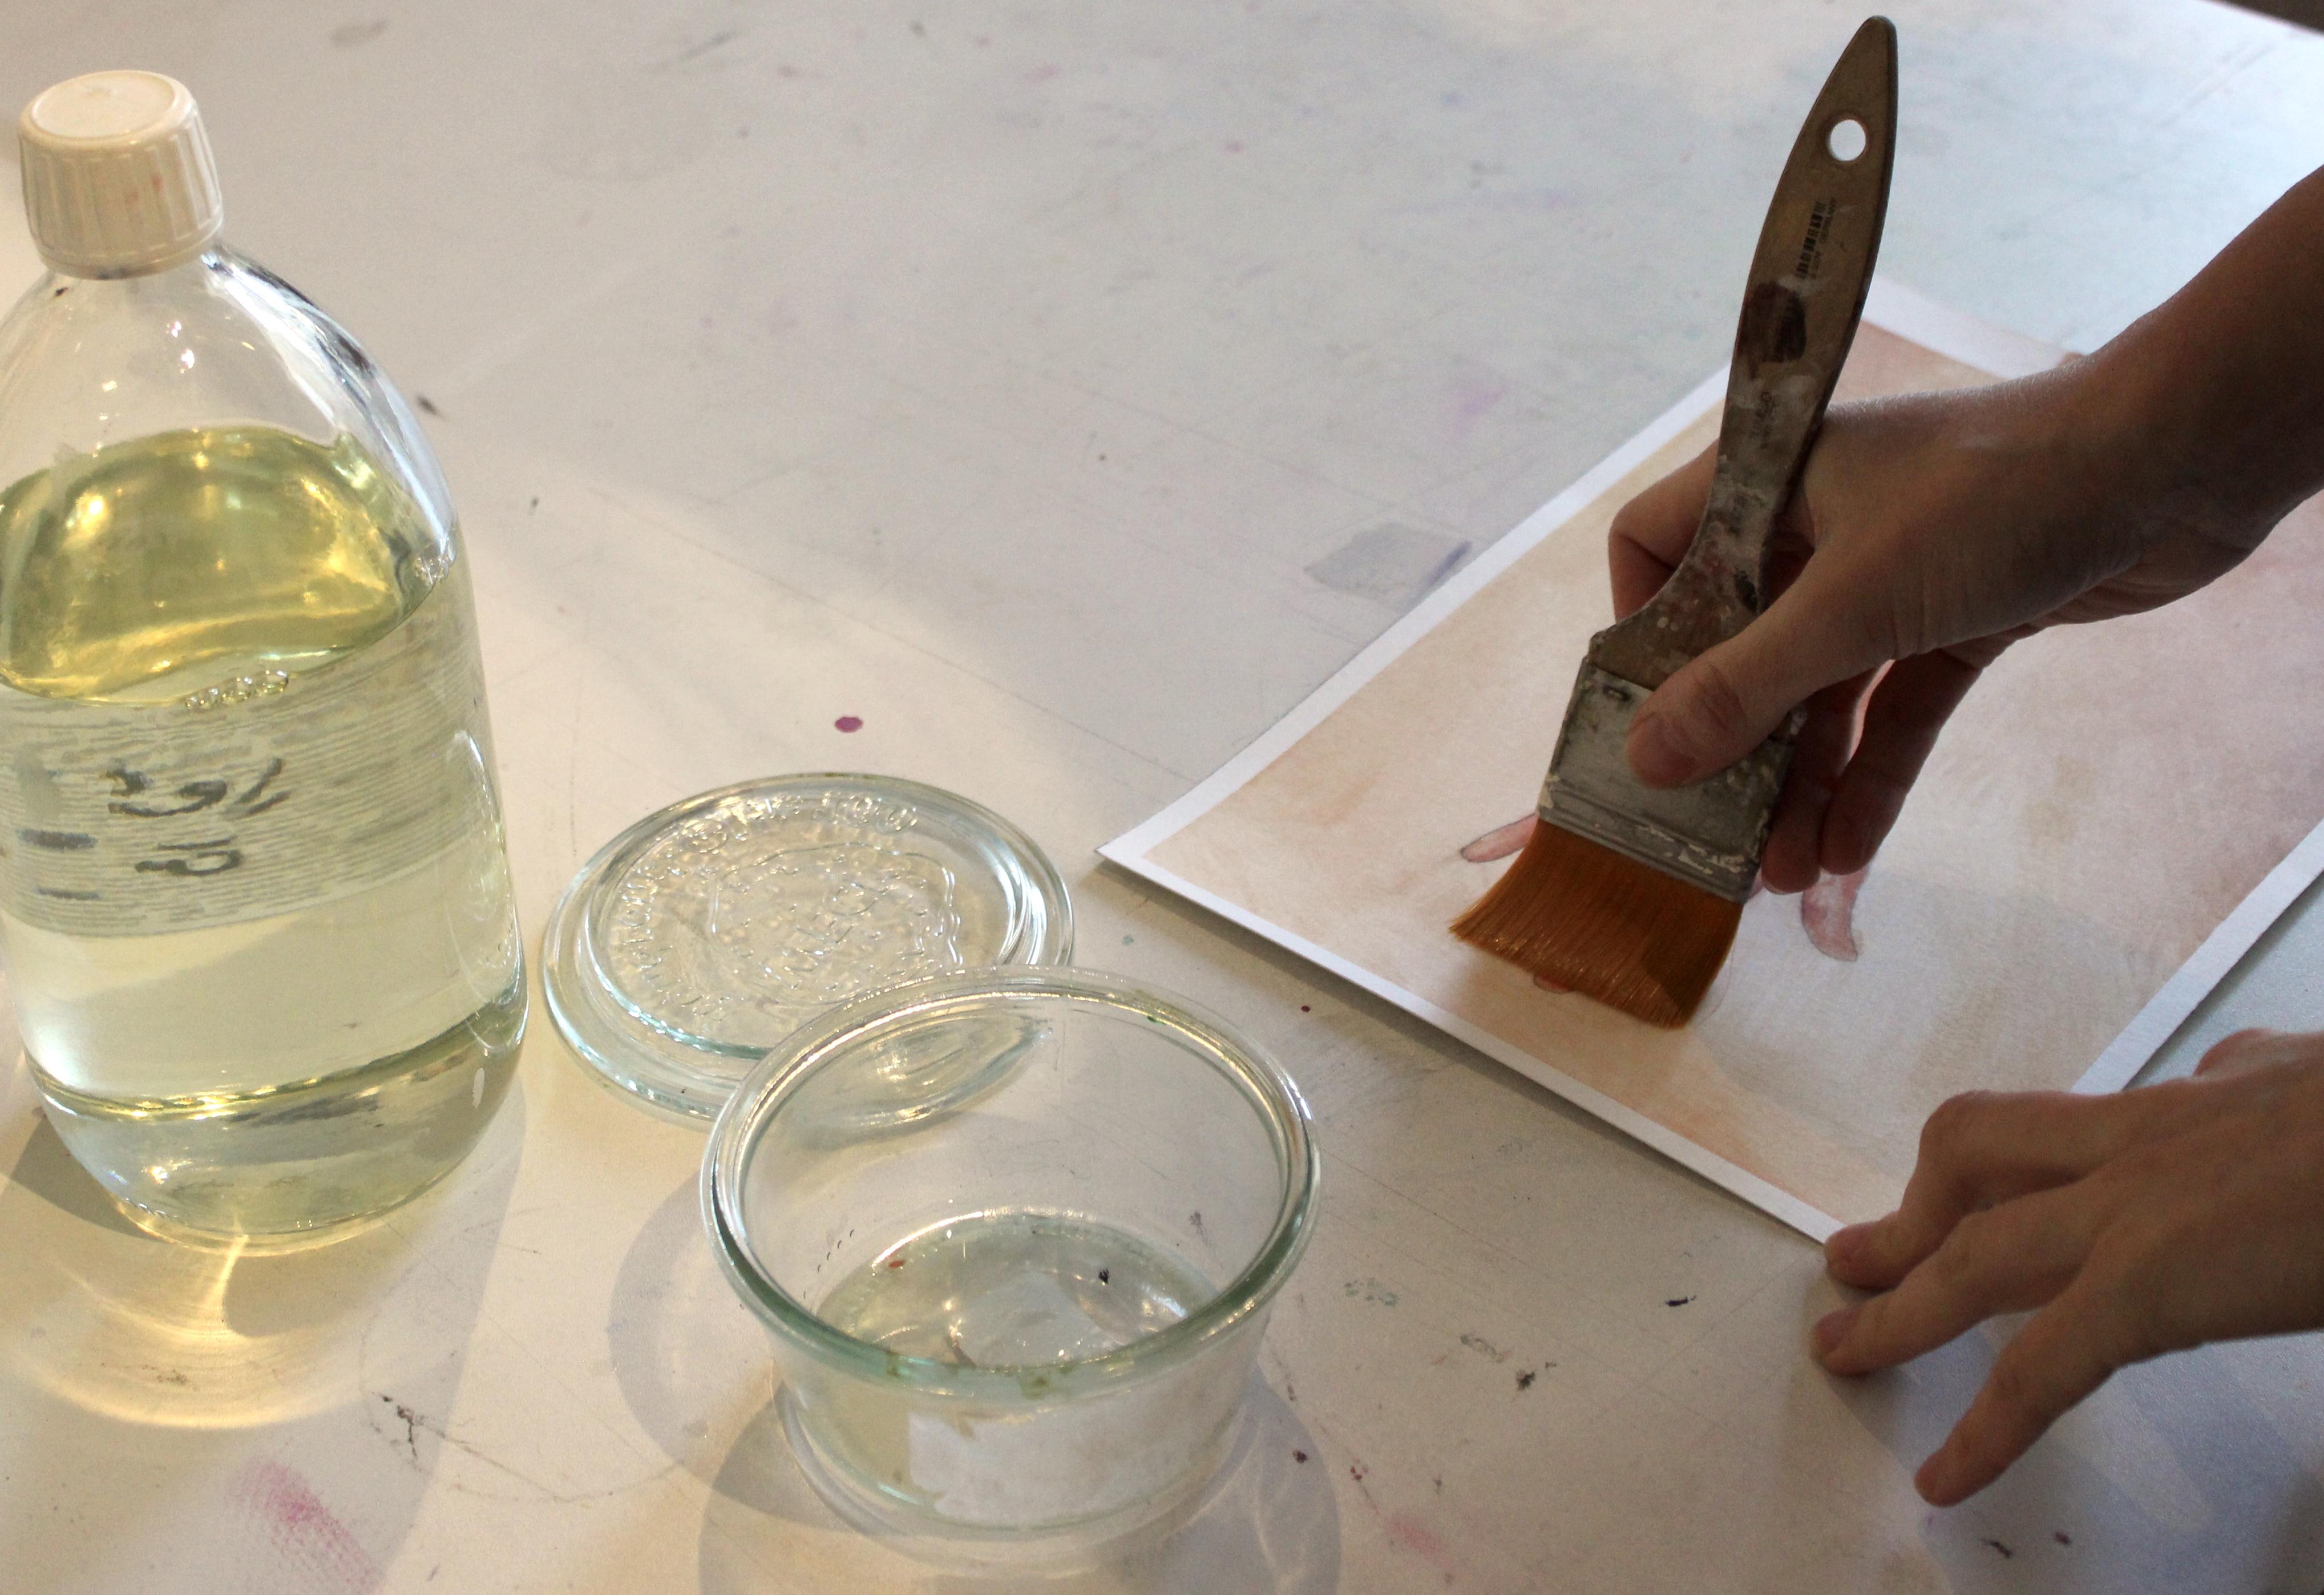 Peinture A Paillette Pour Meuble les vernis : quel vernis choisir et comment l'appliquer